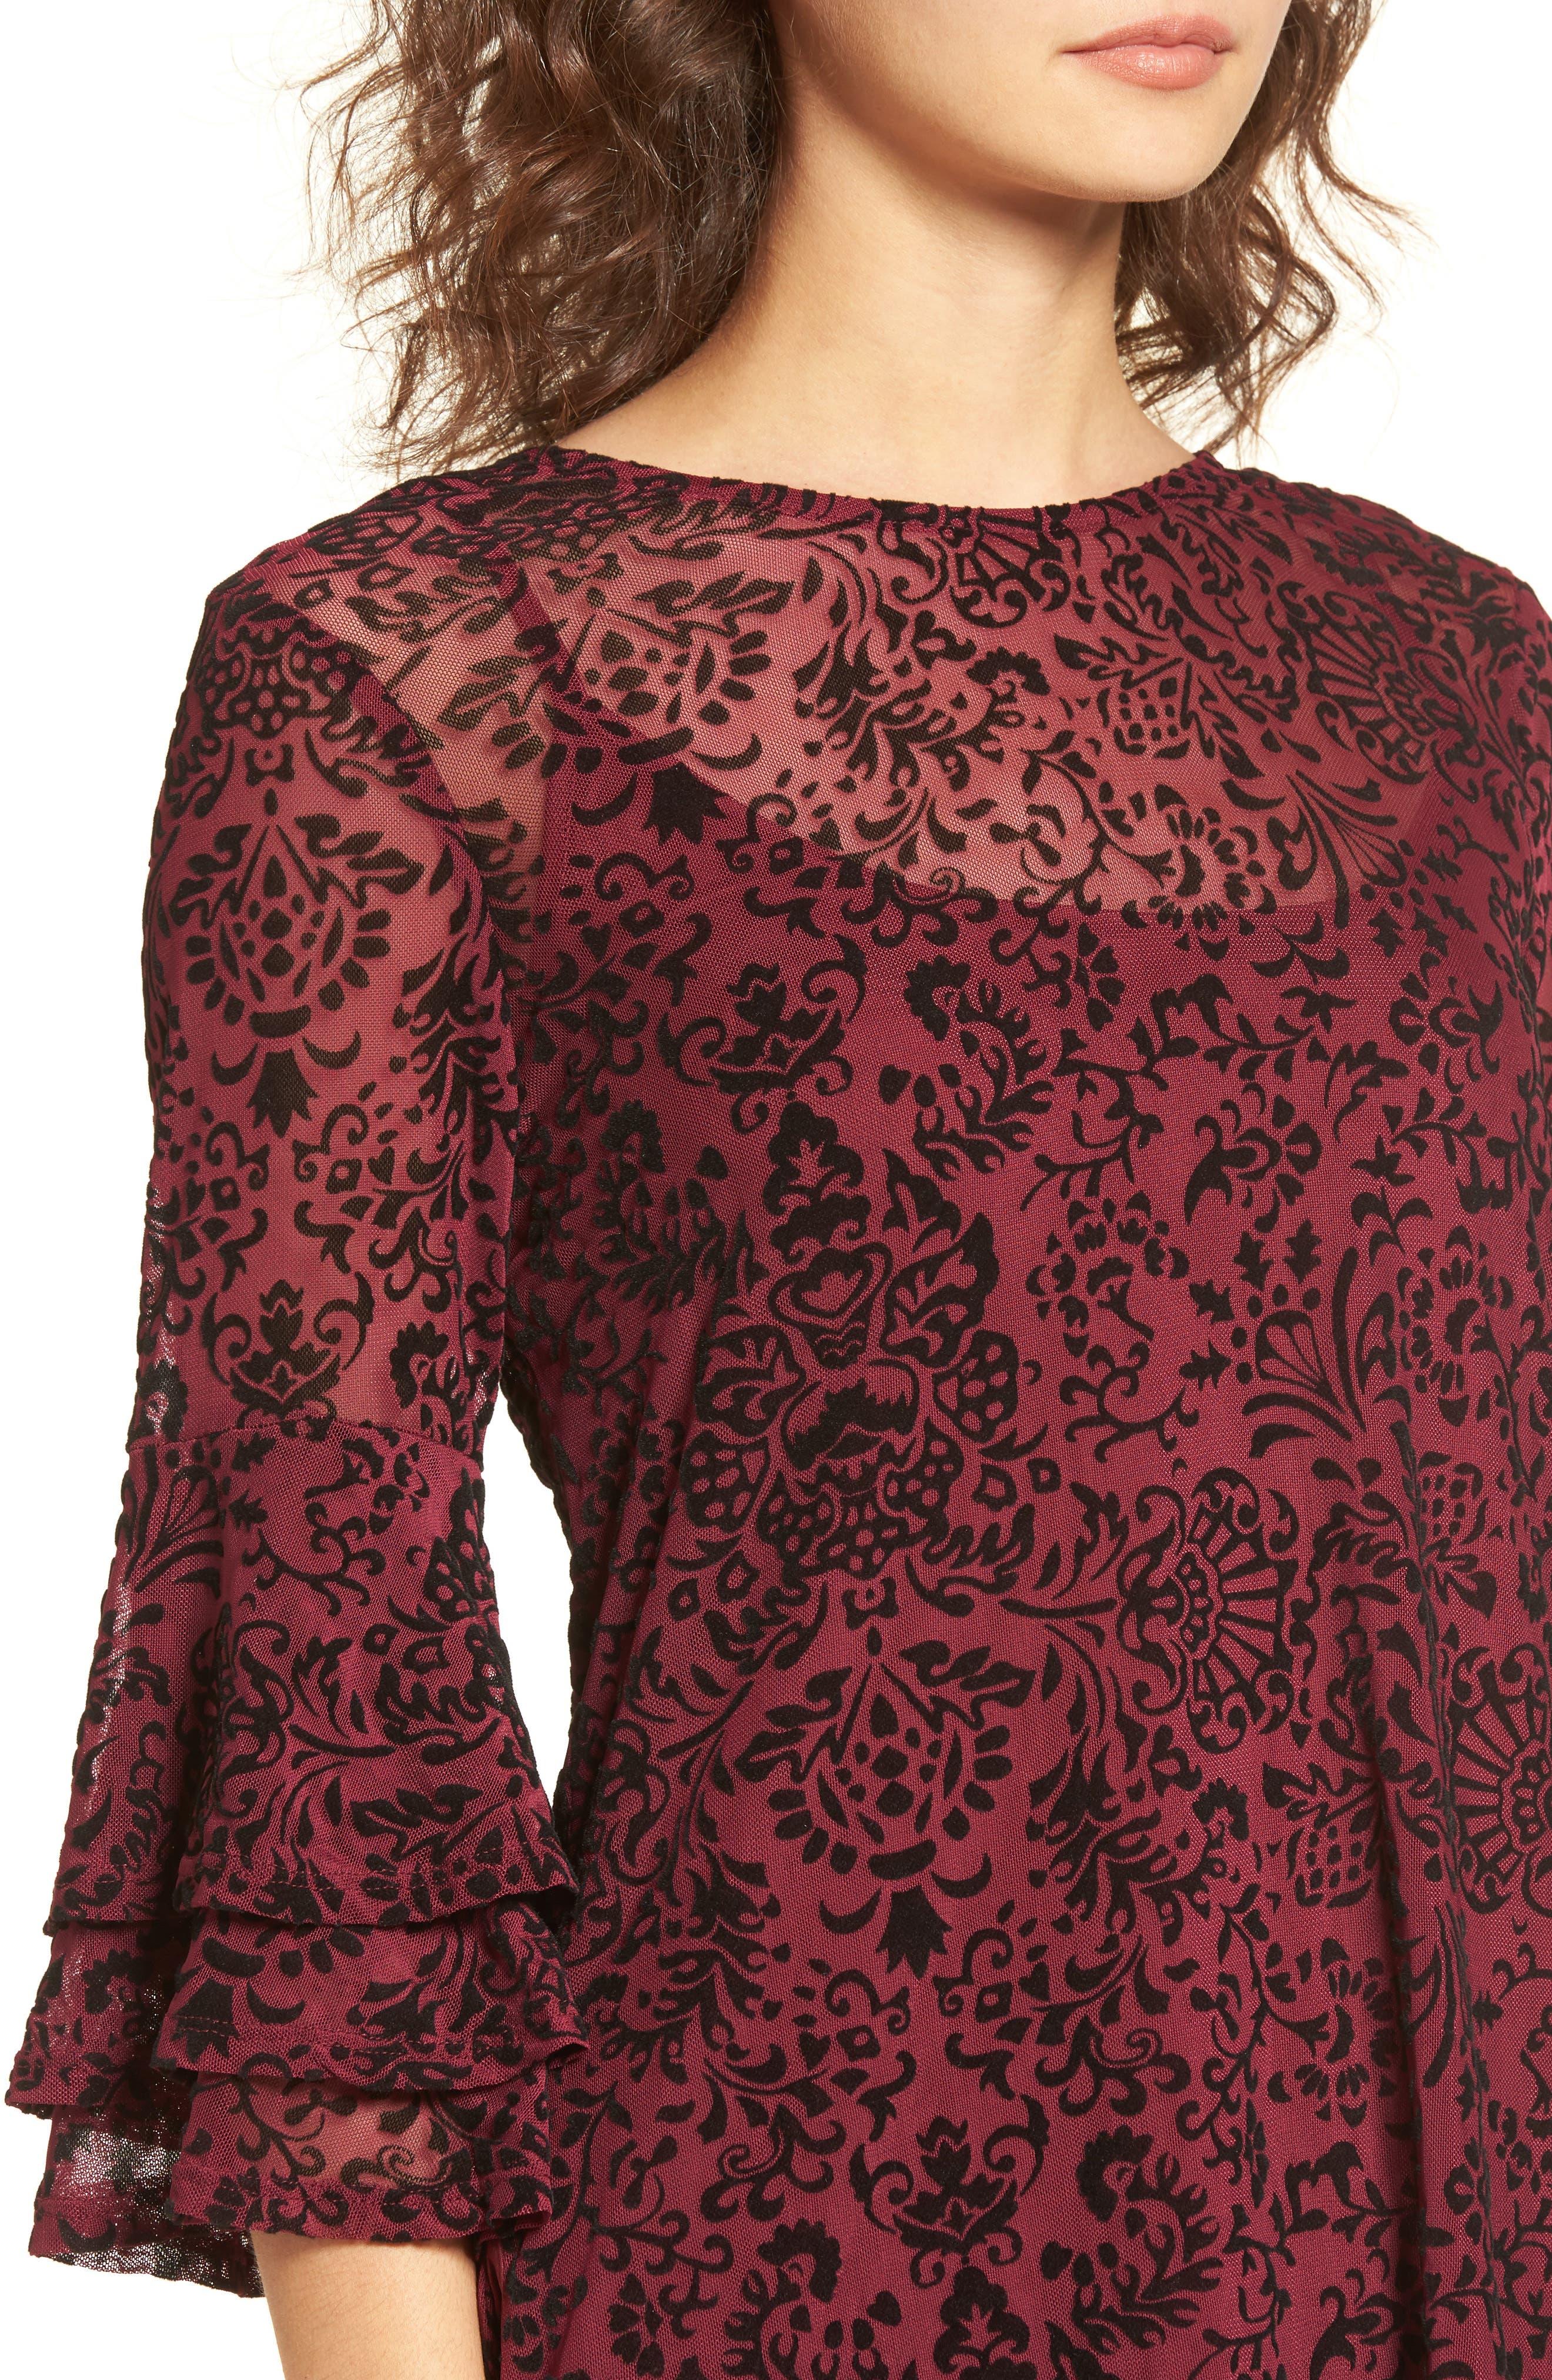 Velvet Detail Minidress,                             Alternate thumbnail 4, color,                             Burgundy/ Black